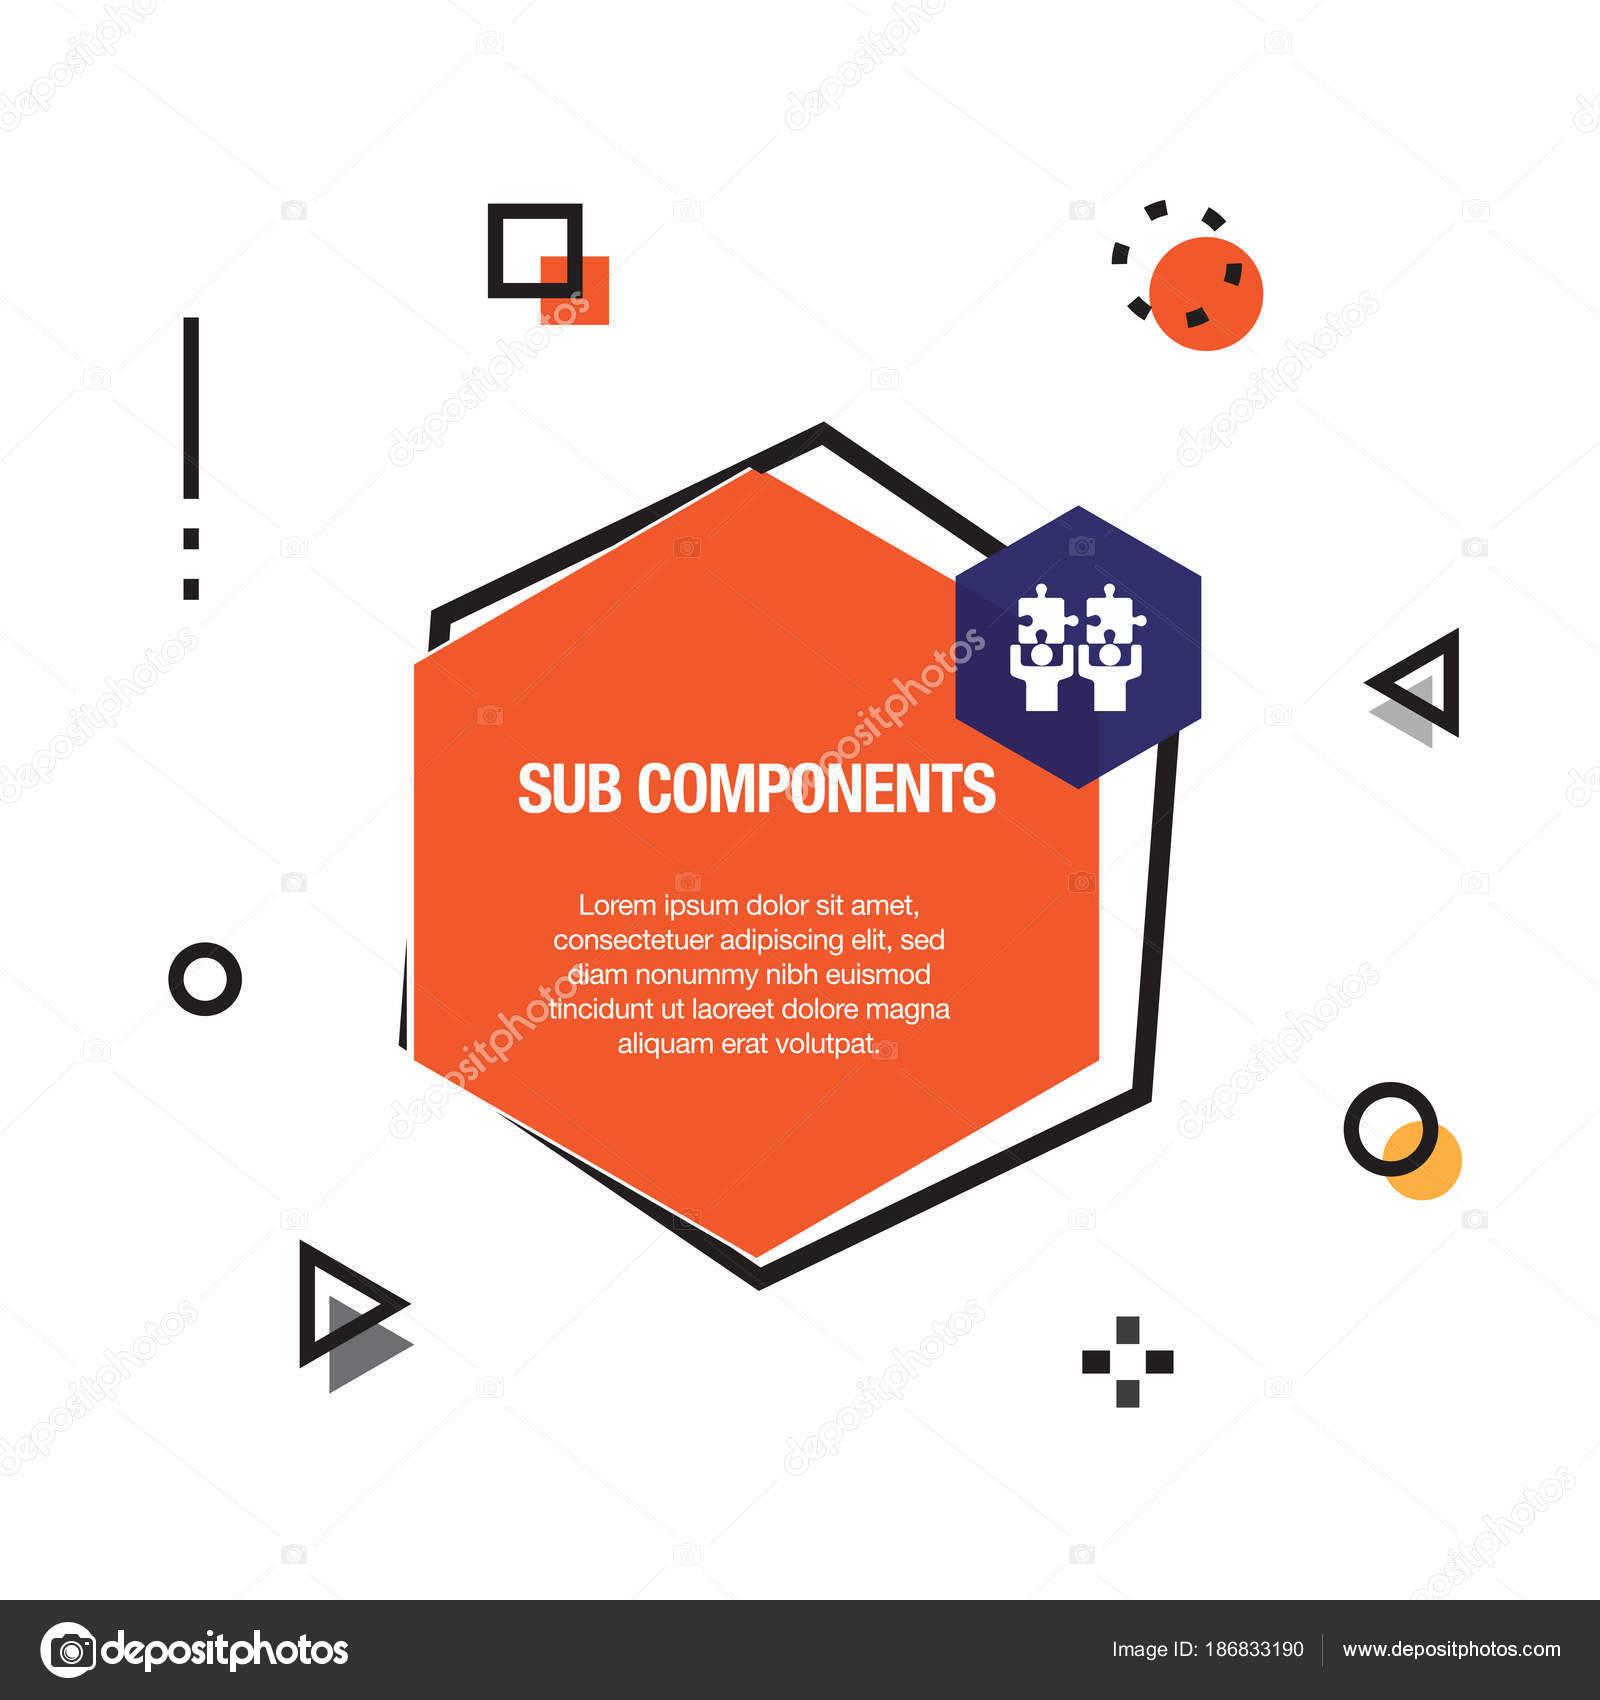 Großzügig Symbole Von Komponenten Bilder - Der Schaltplan ...